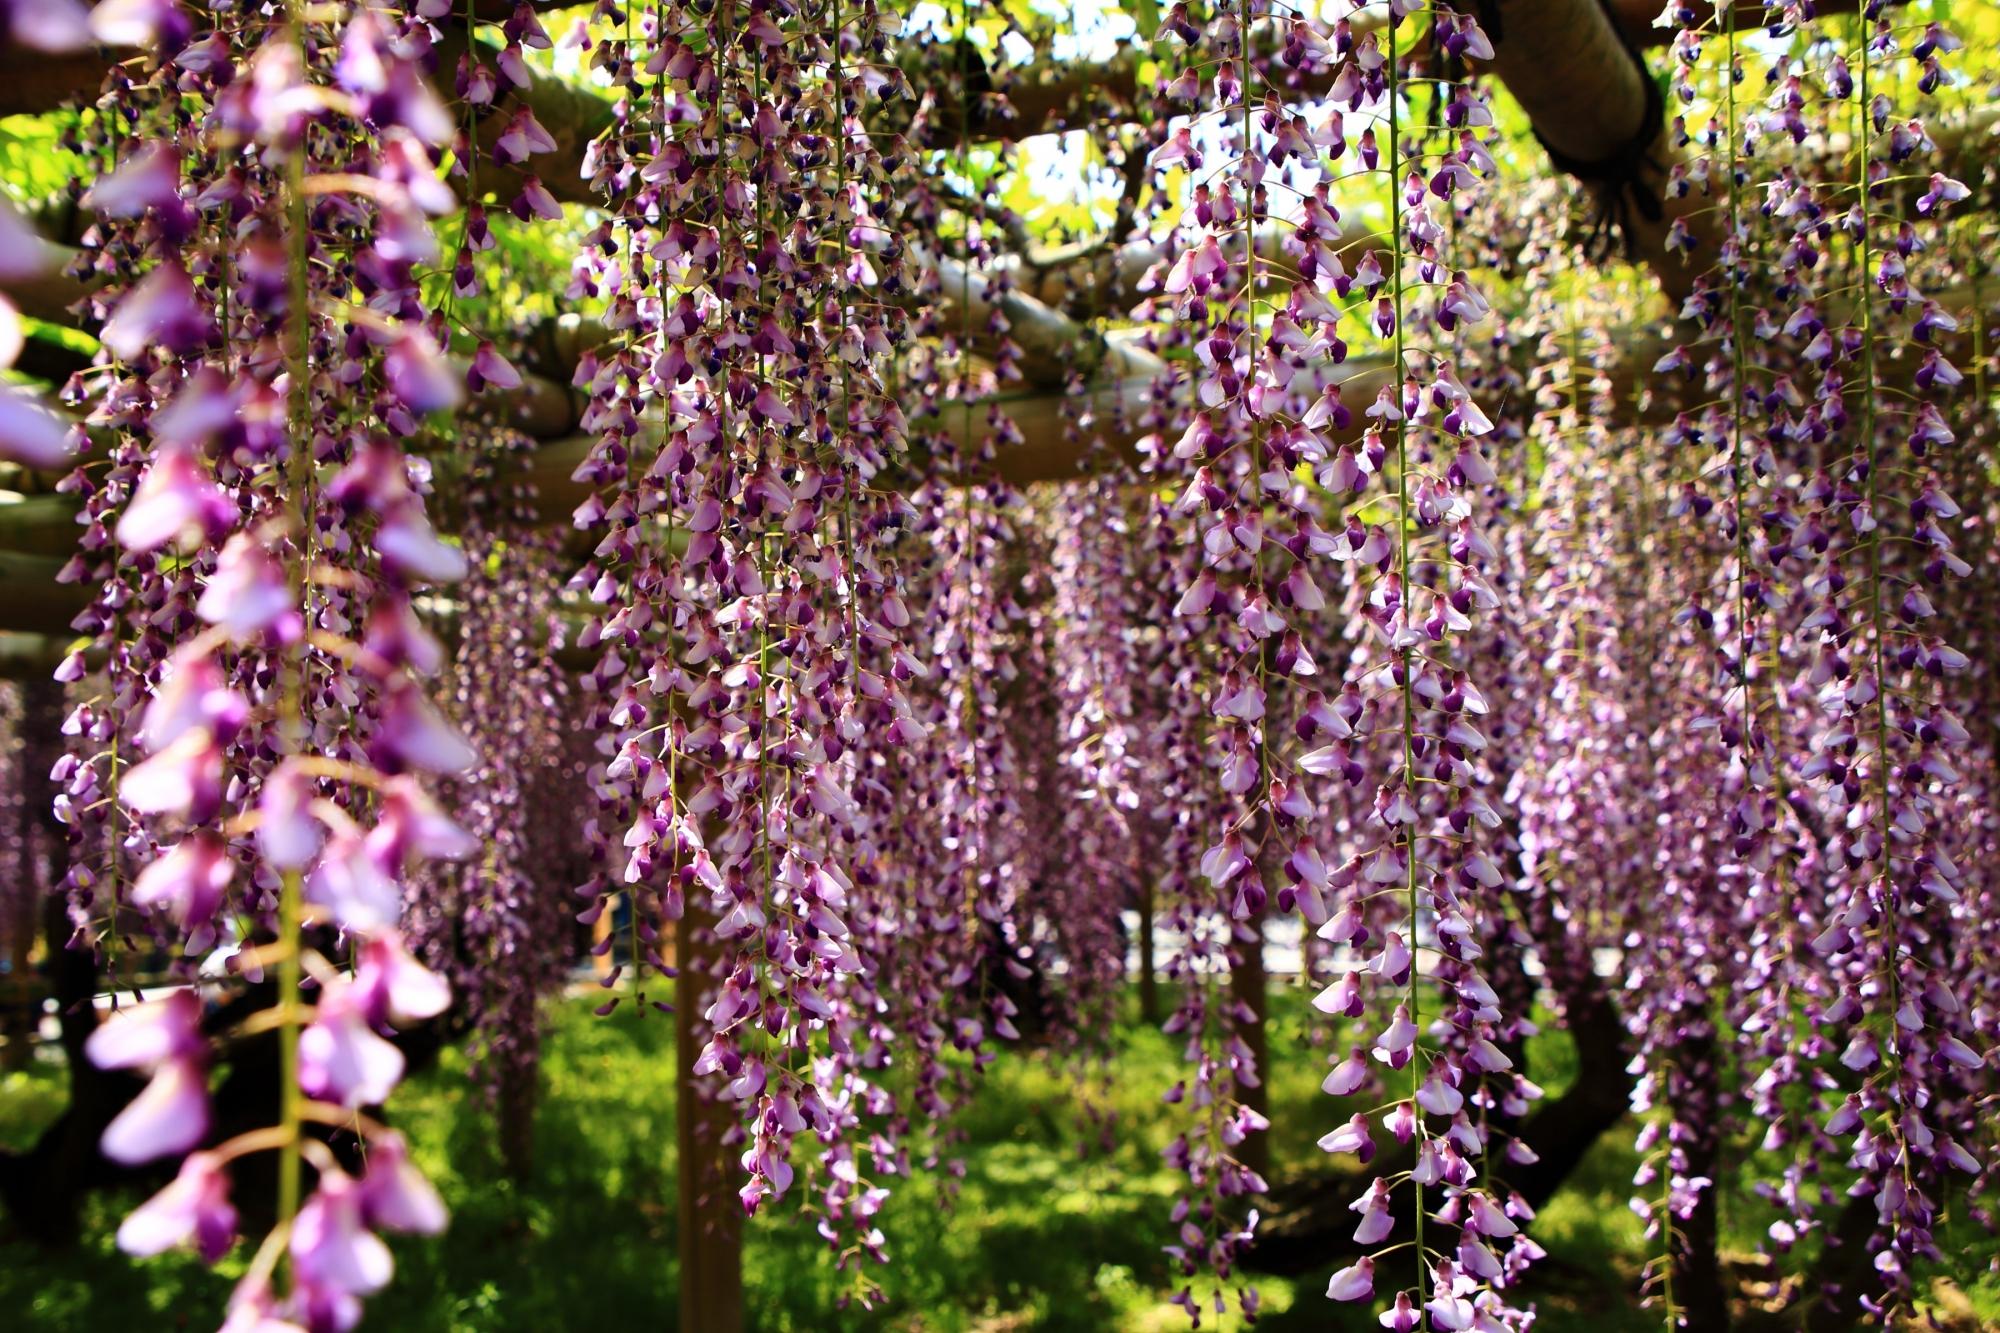 華やかさの中にも風情が感じられる平等院の藤